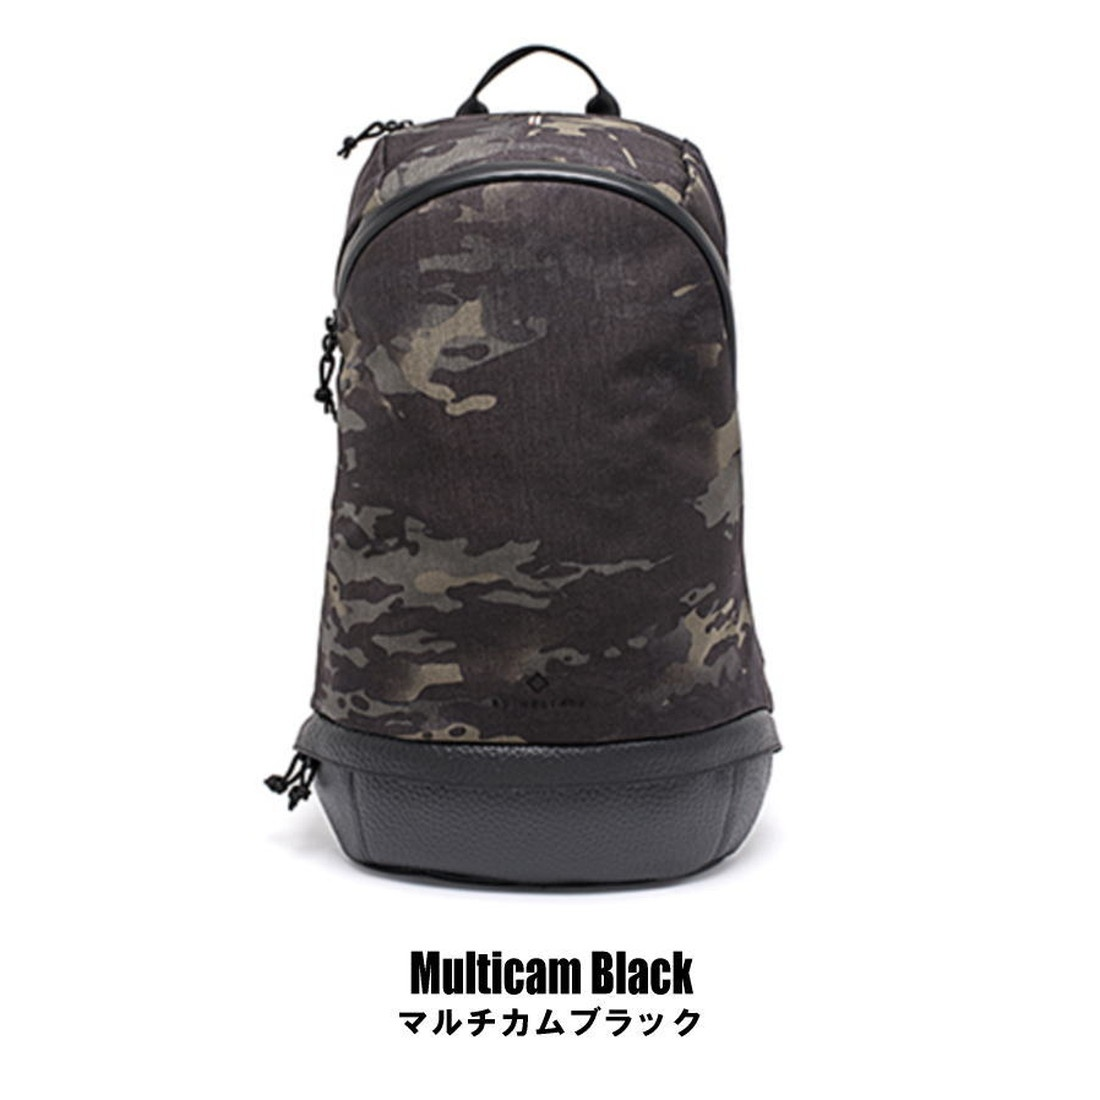 ターグ デイパックMCブラック マルチカムブラック リュックサックバックパック バッグ  国内正規品